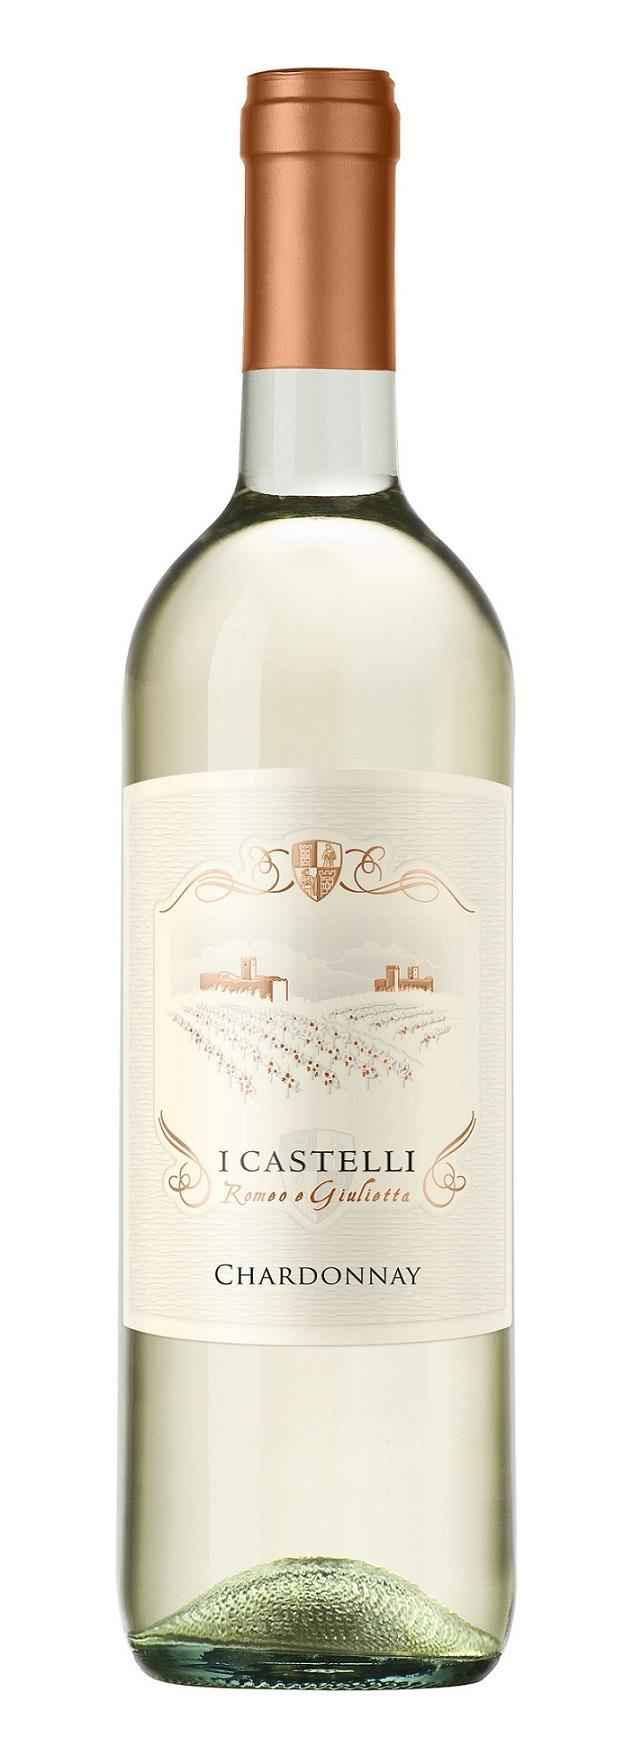 I Castelli Chardonnay